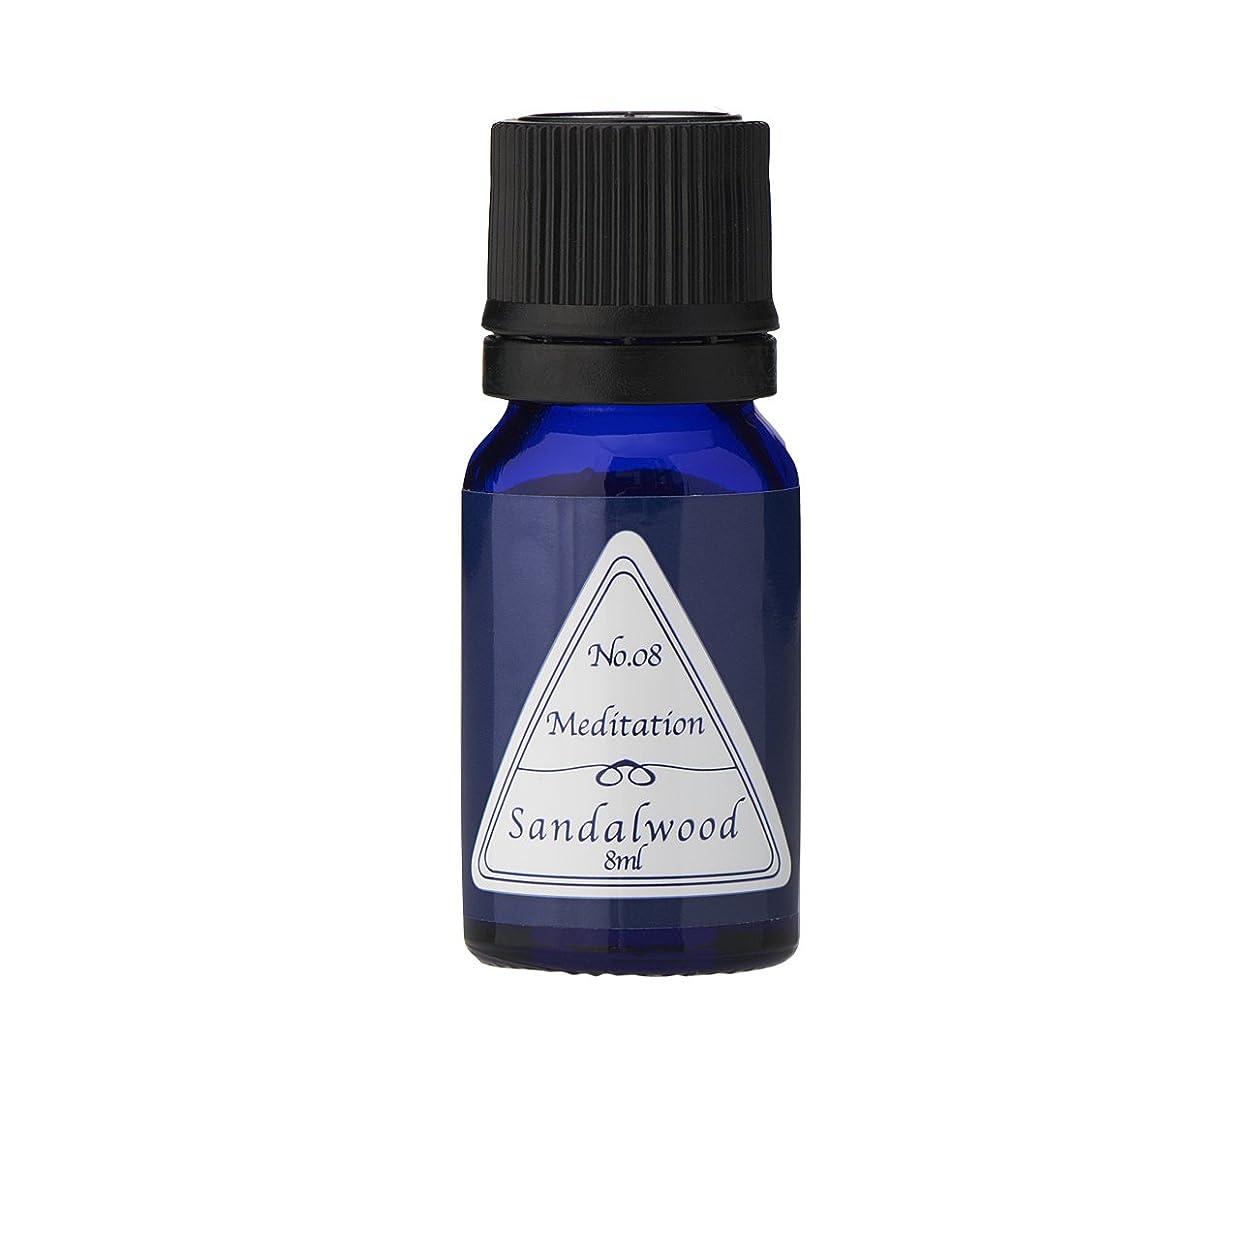 トレイル輝く極めて重要なブルーラベル アロマエッセンス8ml サンダルウッド(アロマオイル 調合香料 芳香用)